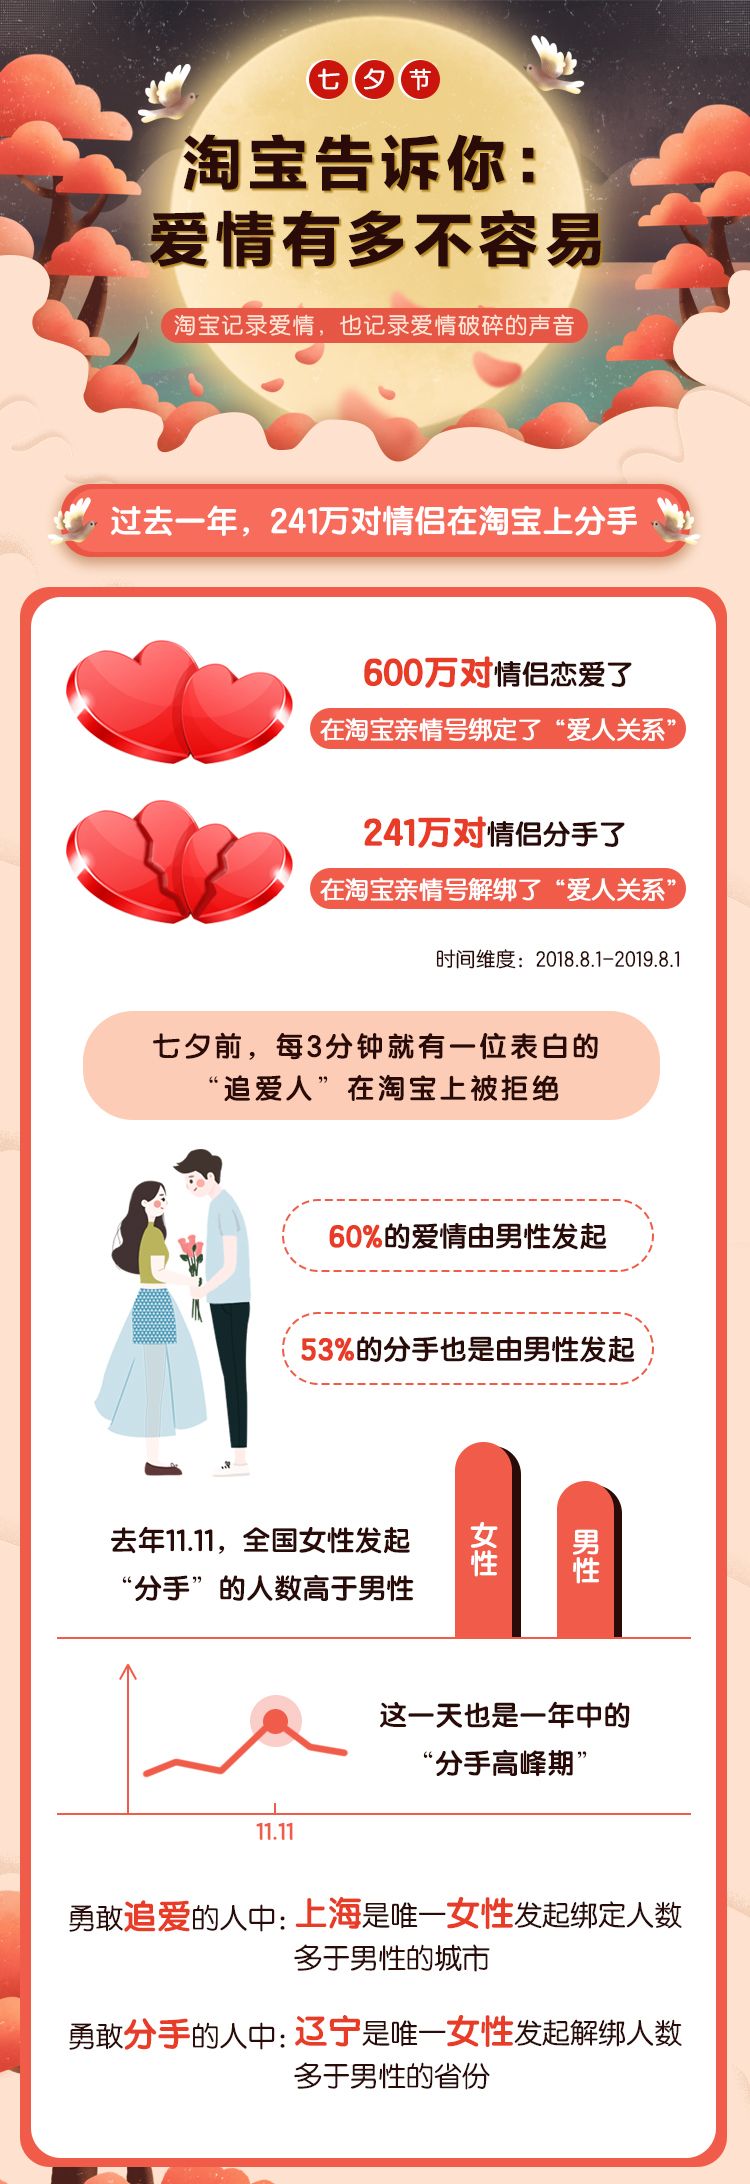 淘宝七夕爱情报告:去年1200万人恋爱,480万人分手